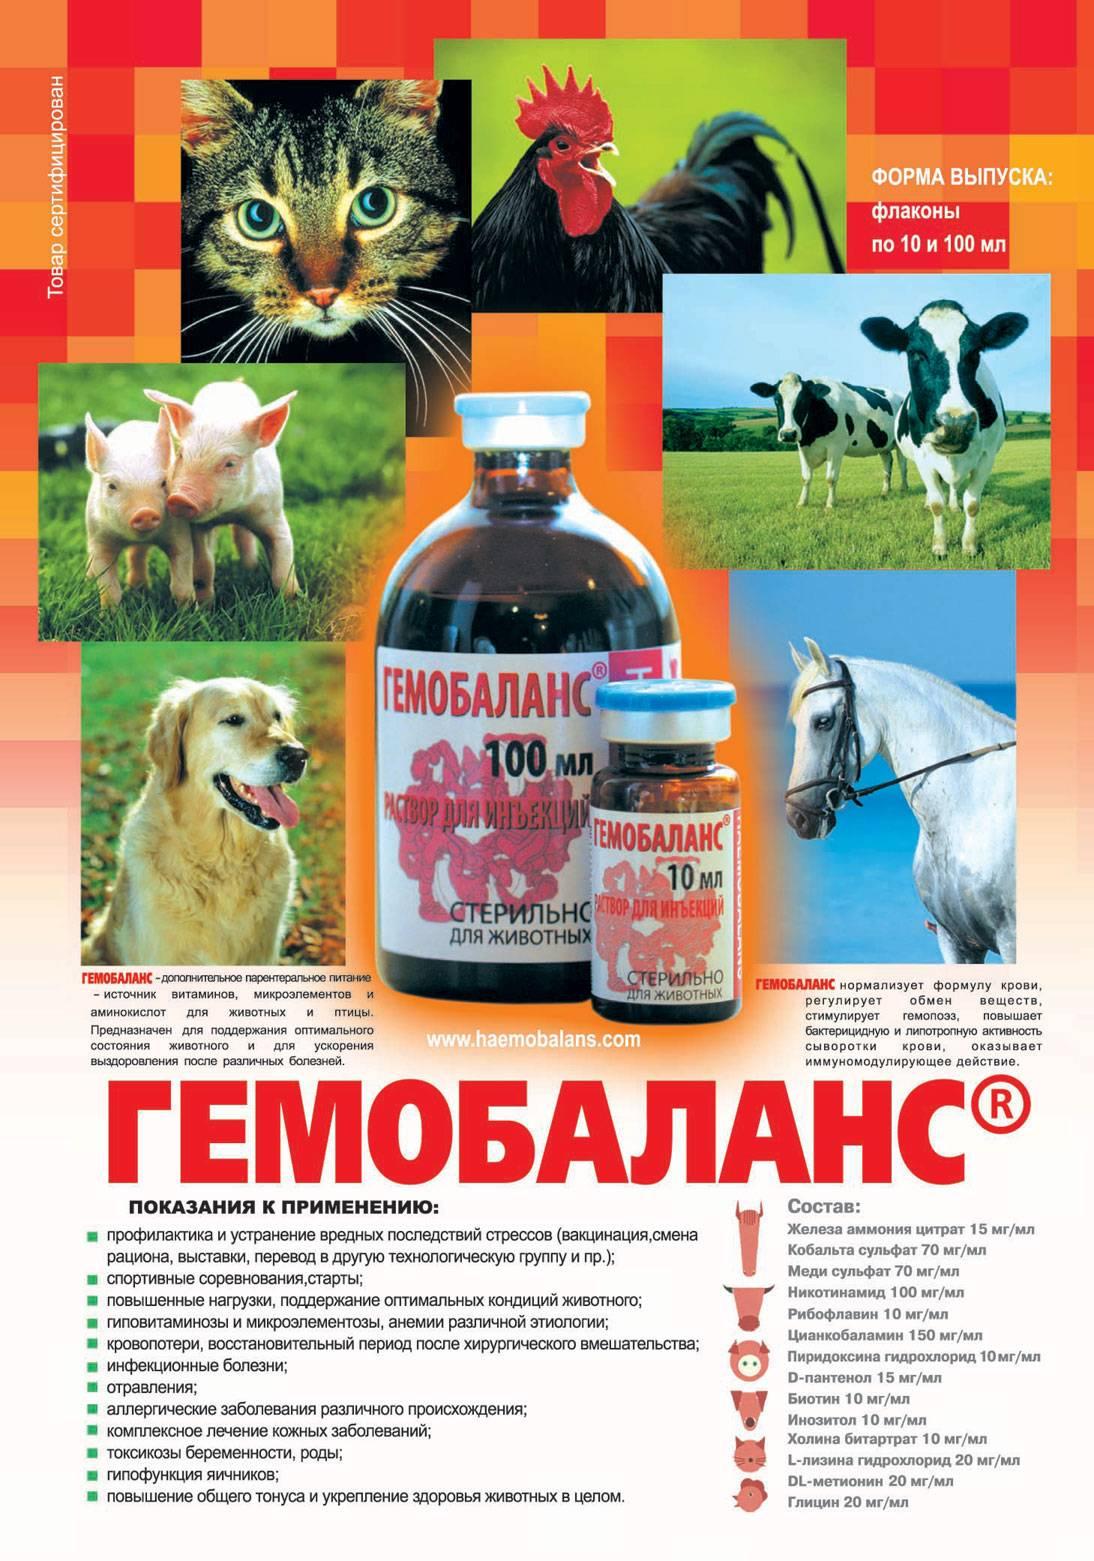 Гемобаланс для кошек в ветеринарии: инструкция по применению, цена